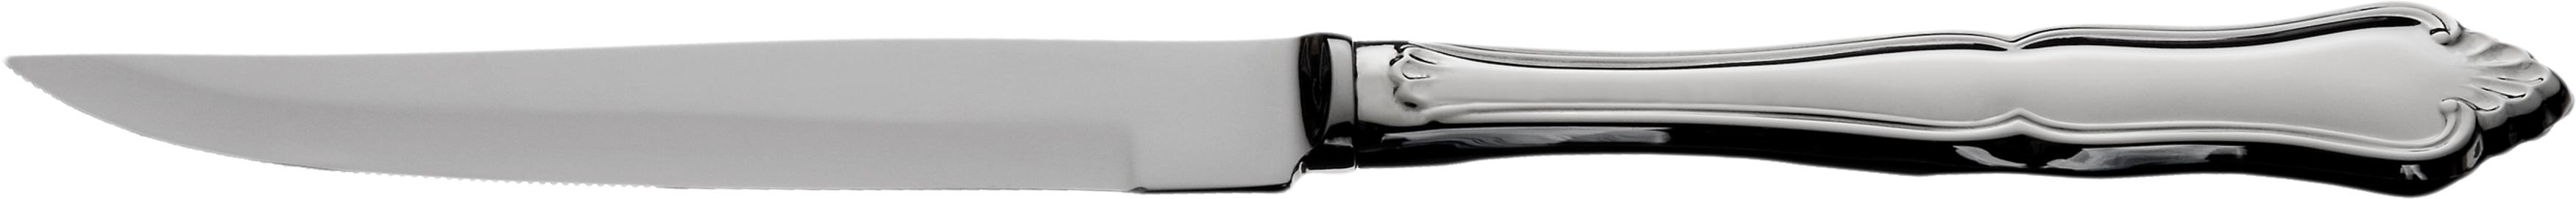 Biffkniv, Märtha sølvbestikk